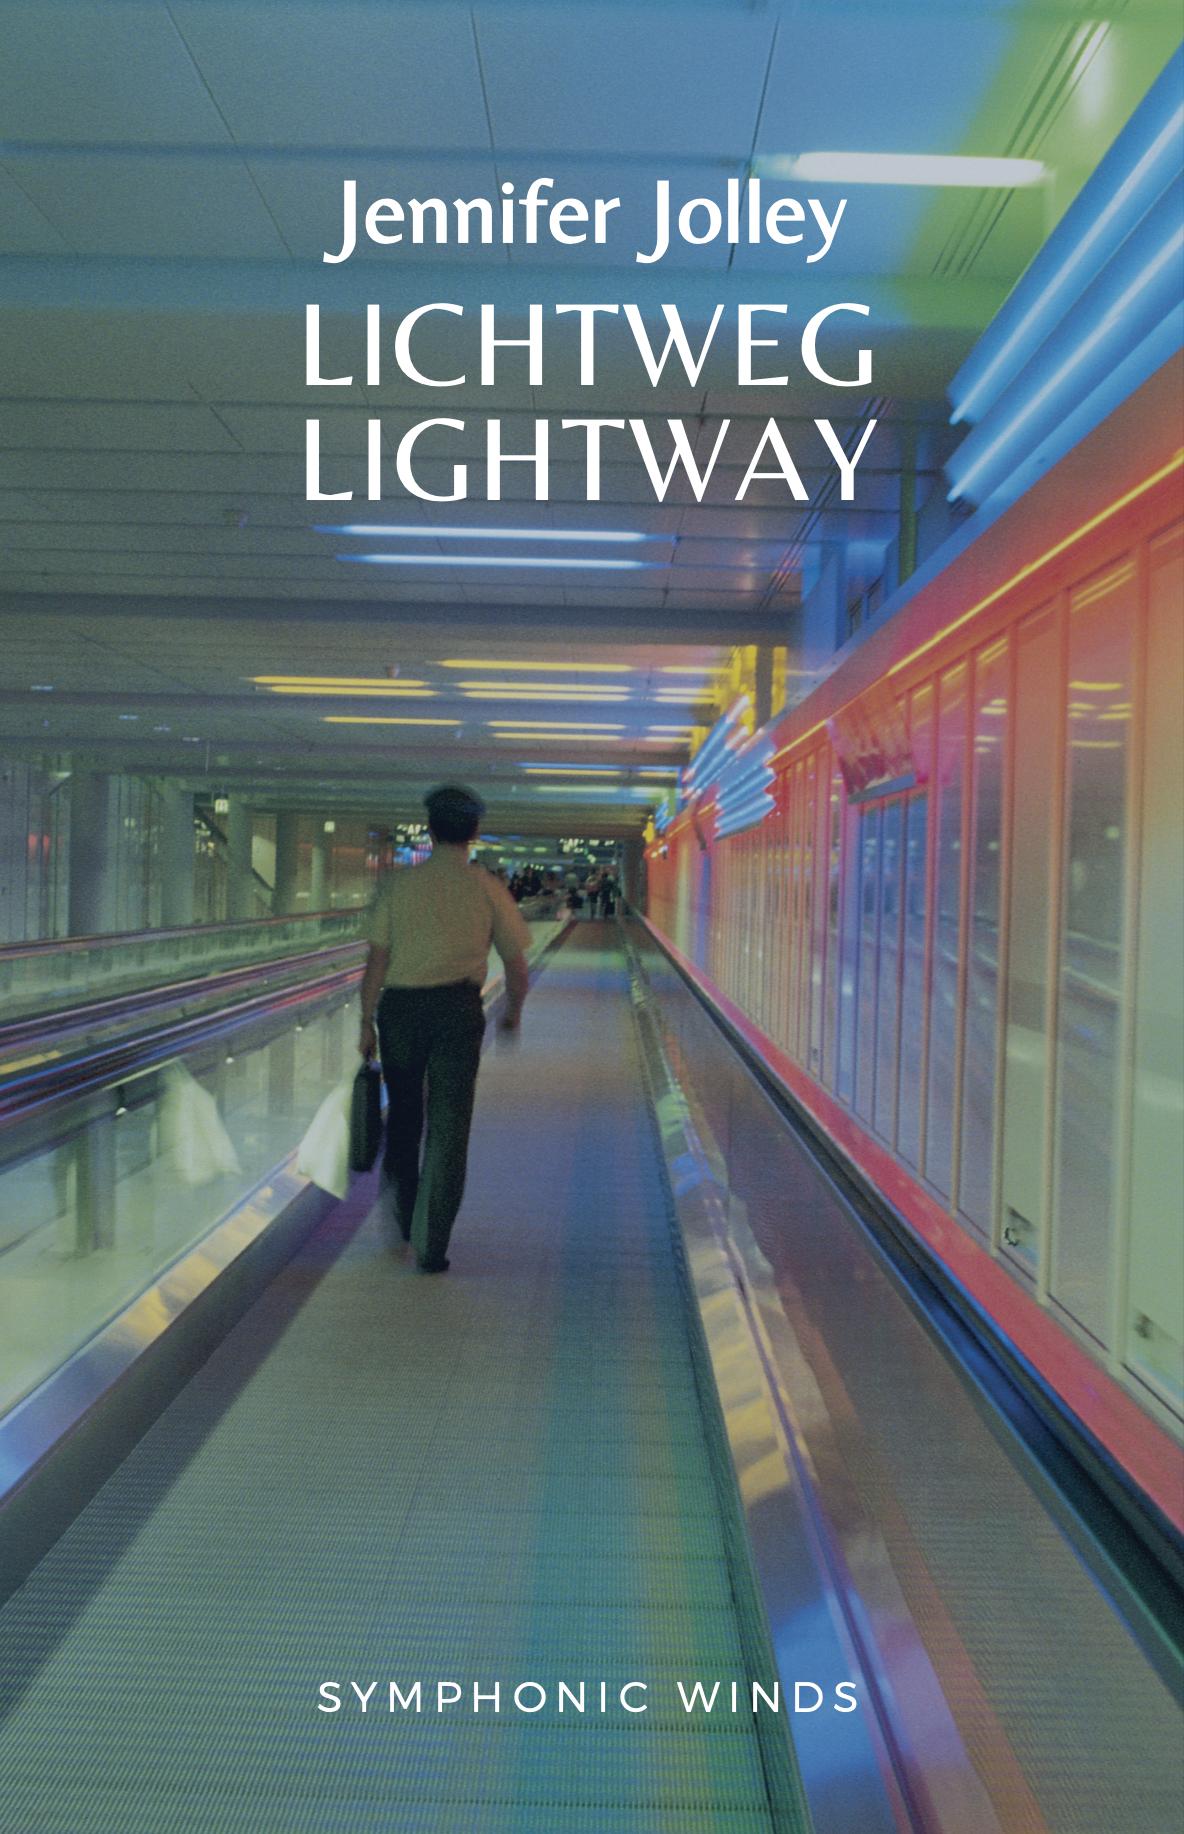 Lichtweg/Lightway by Jennifer Jolley